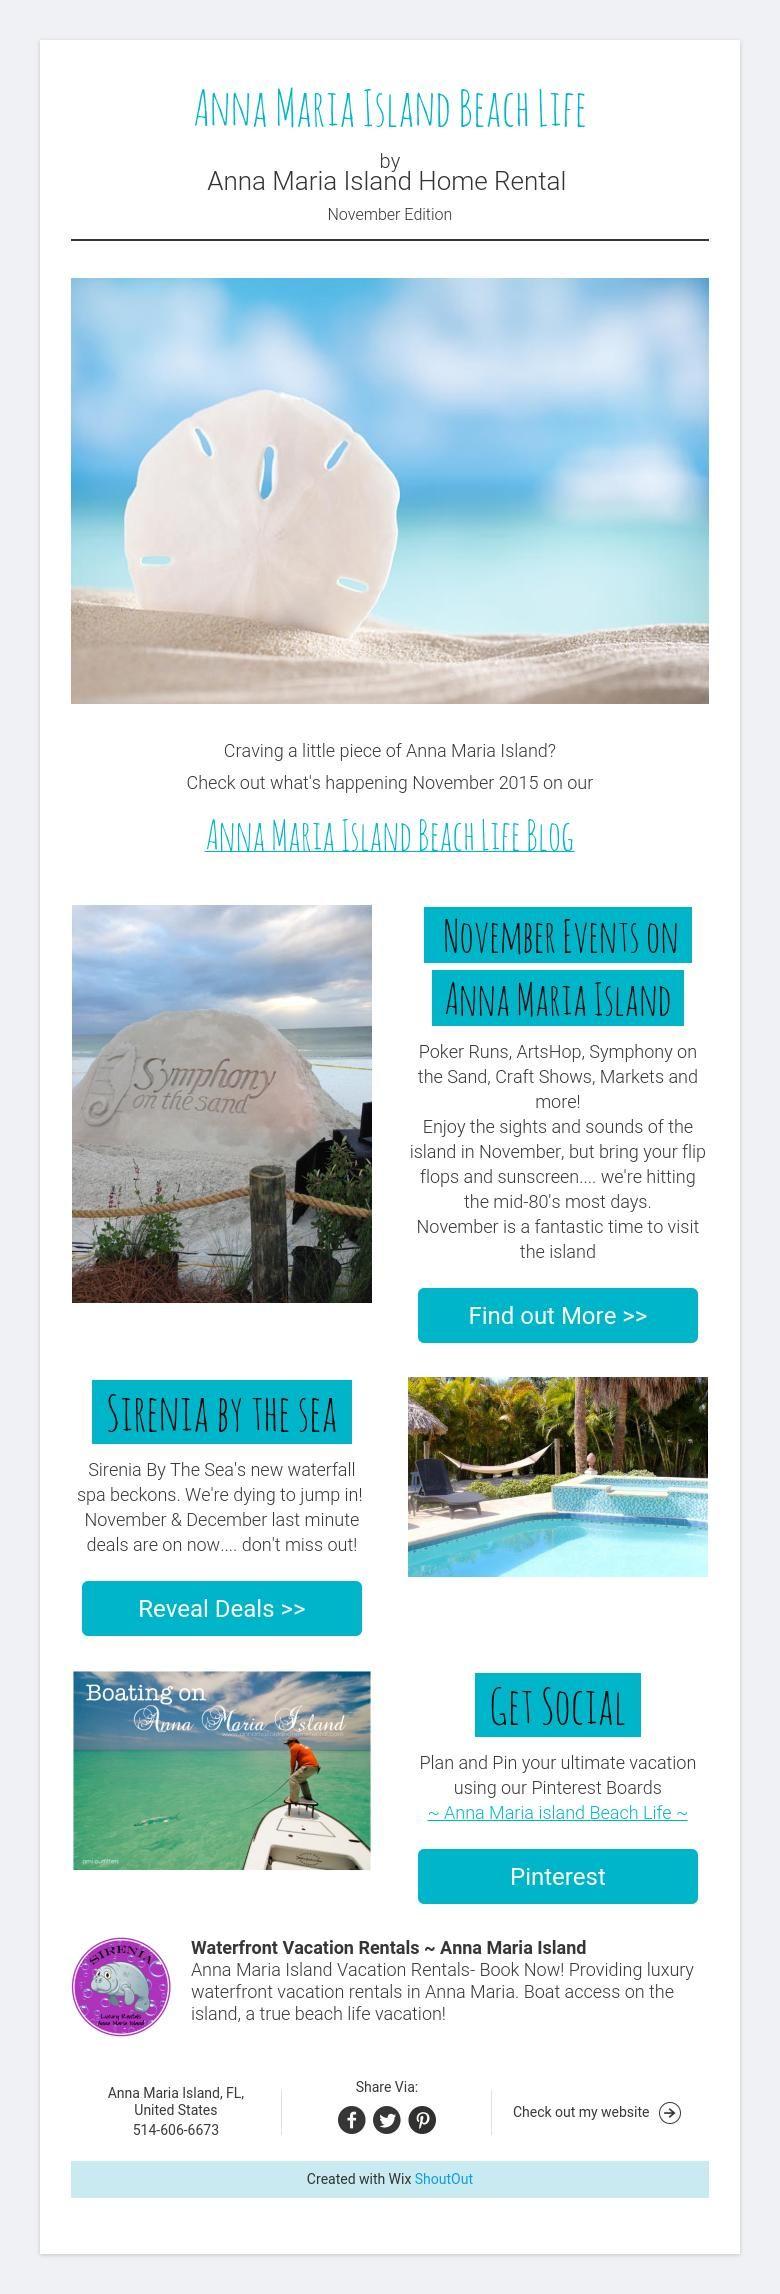 My Beach Rental Us - Anna maria island beach life by anna maria island home rental november blog edition